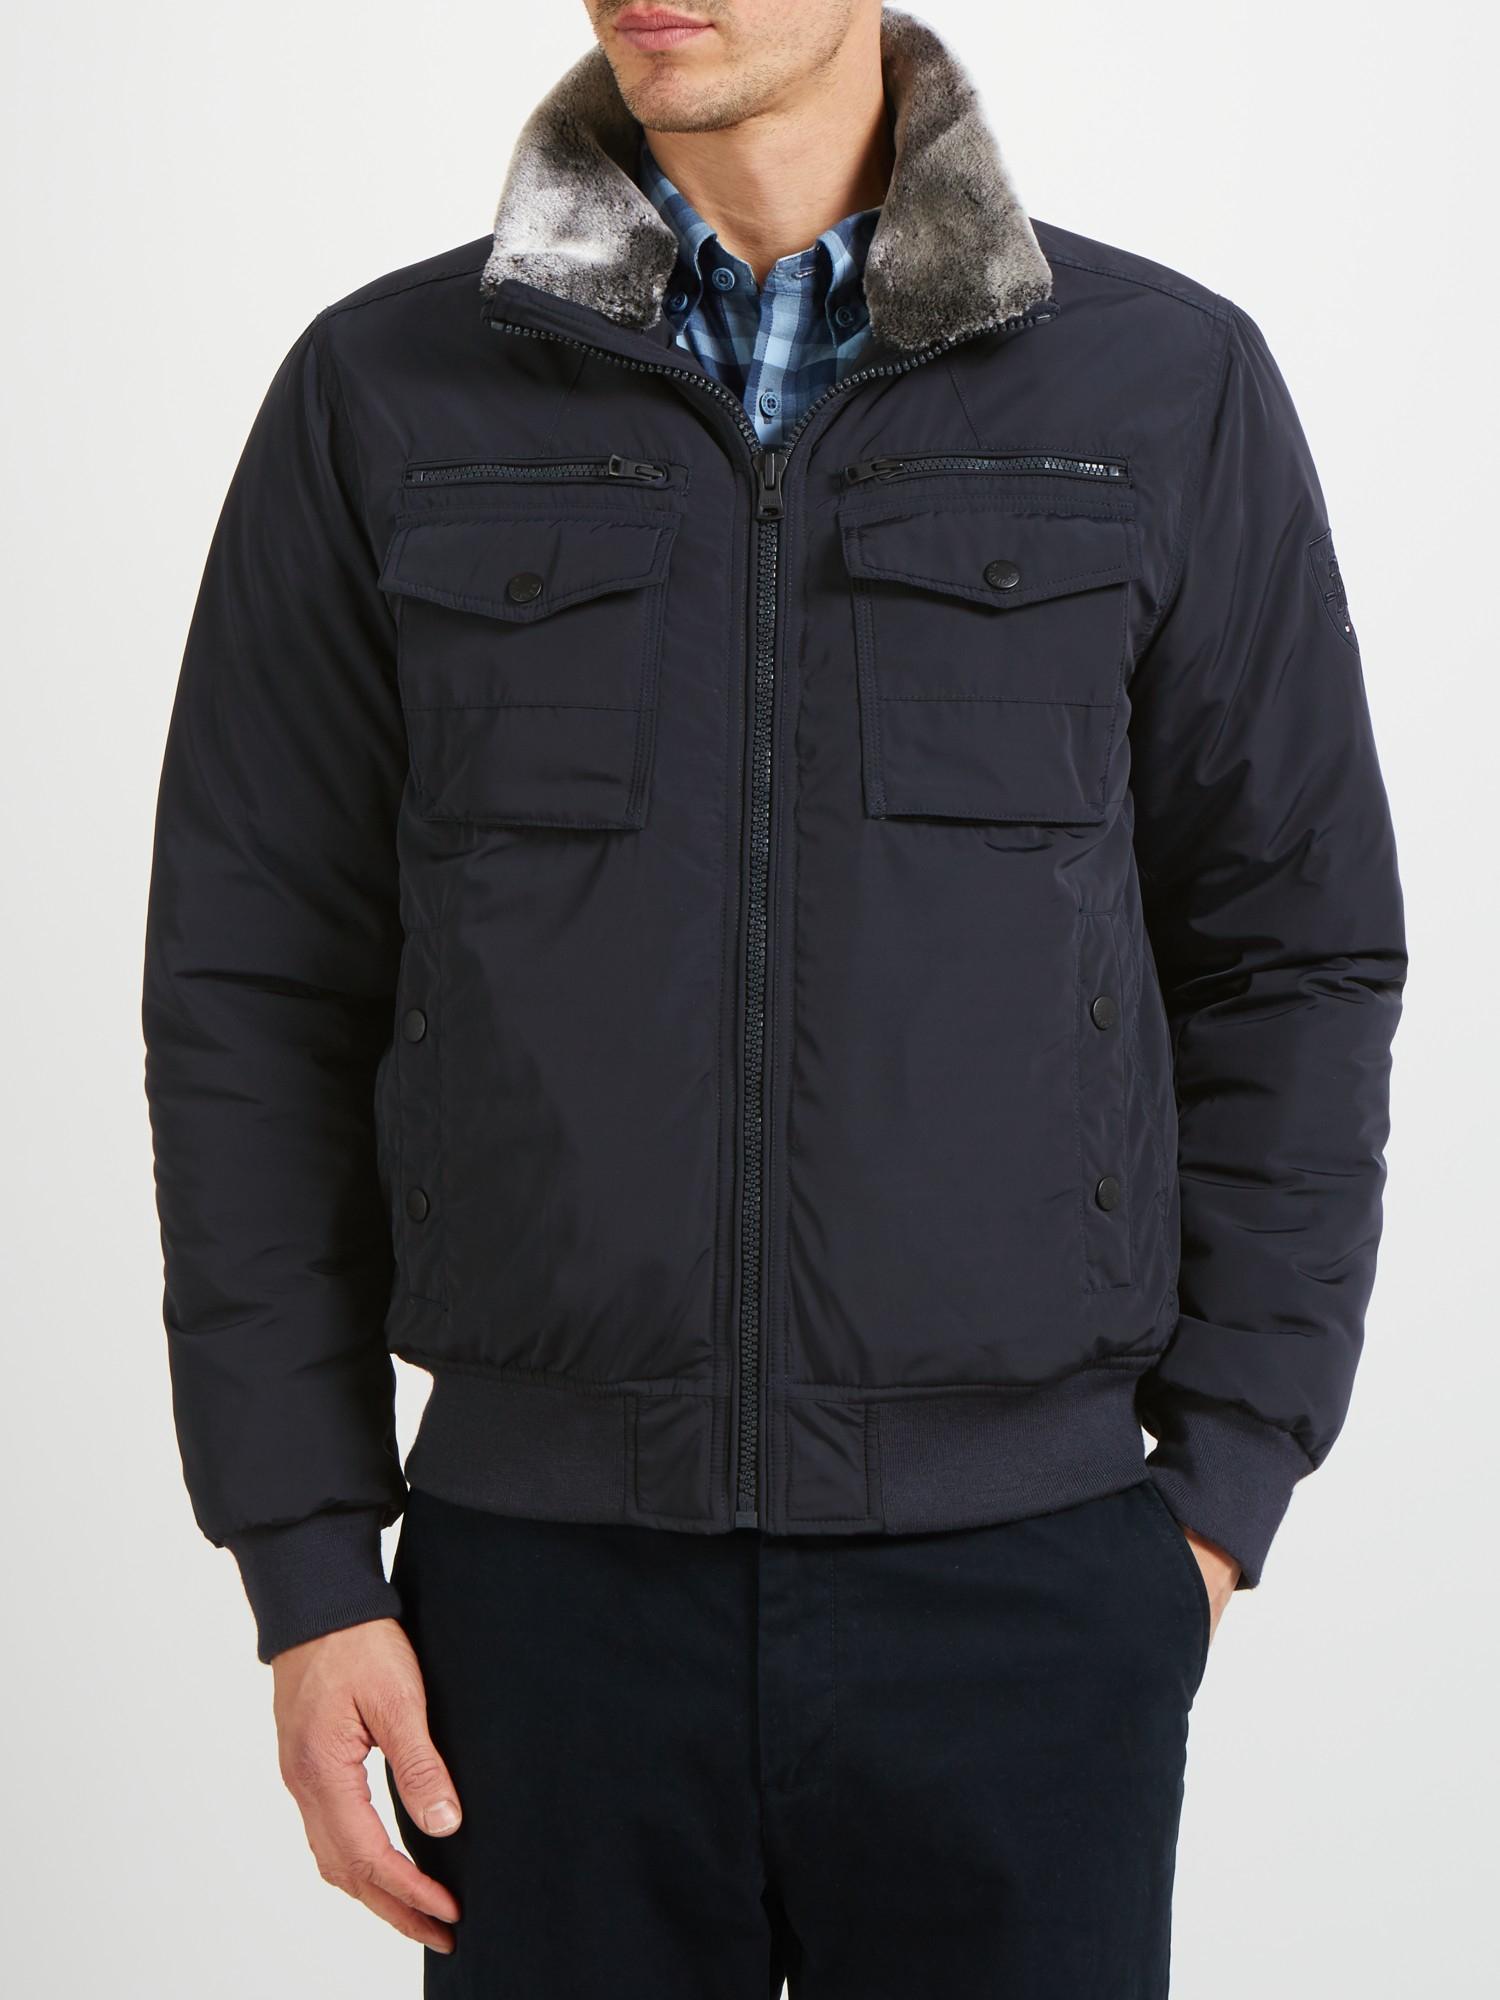 6f53a2667 Tommy Hilfiger New Ken Bomber Jacket in Blue for Men - Lyst